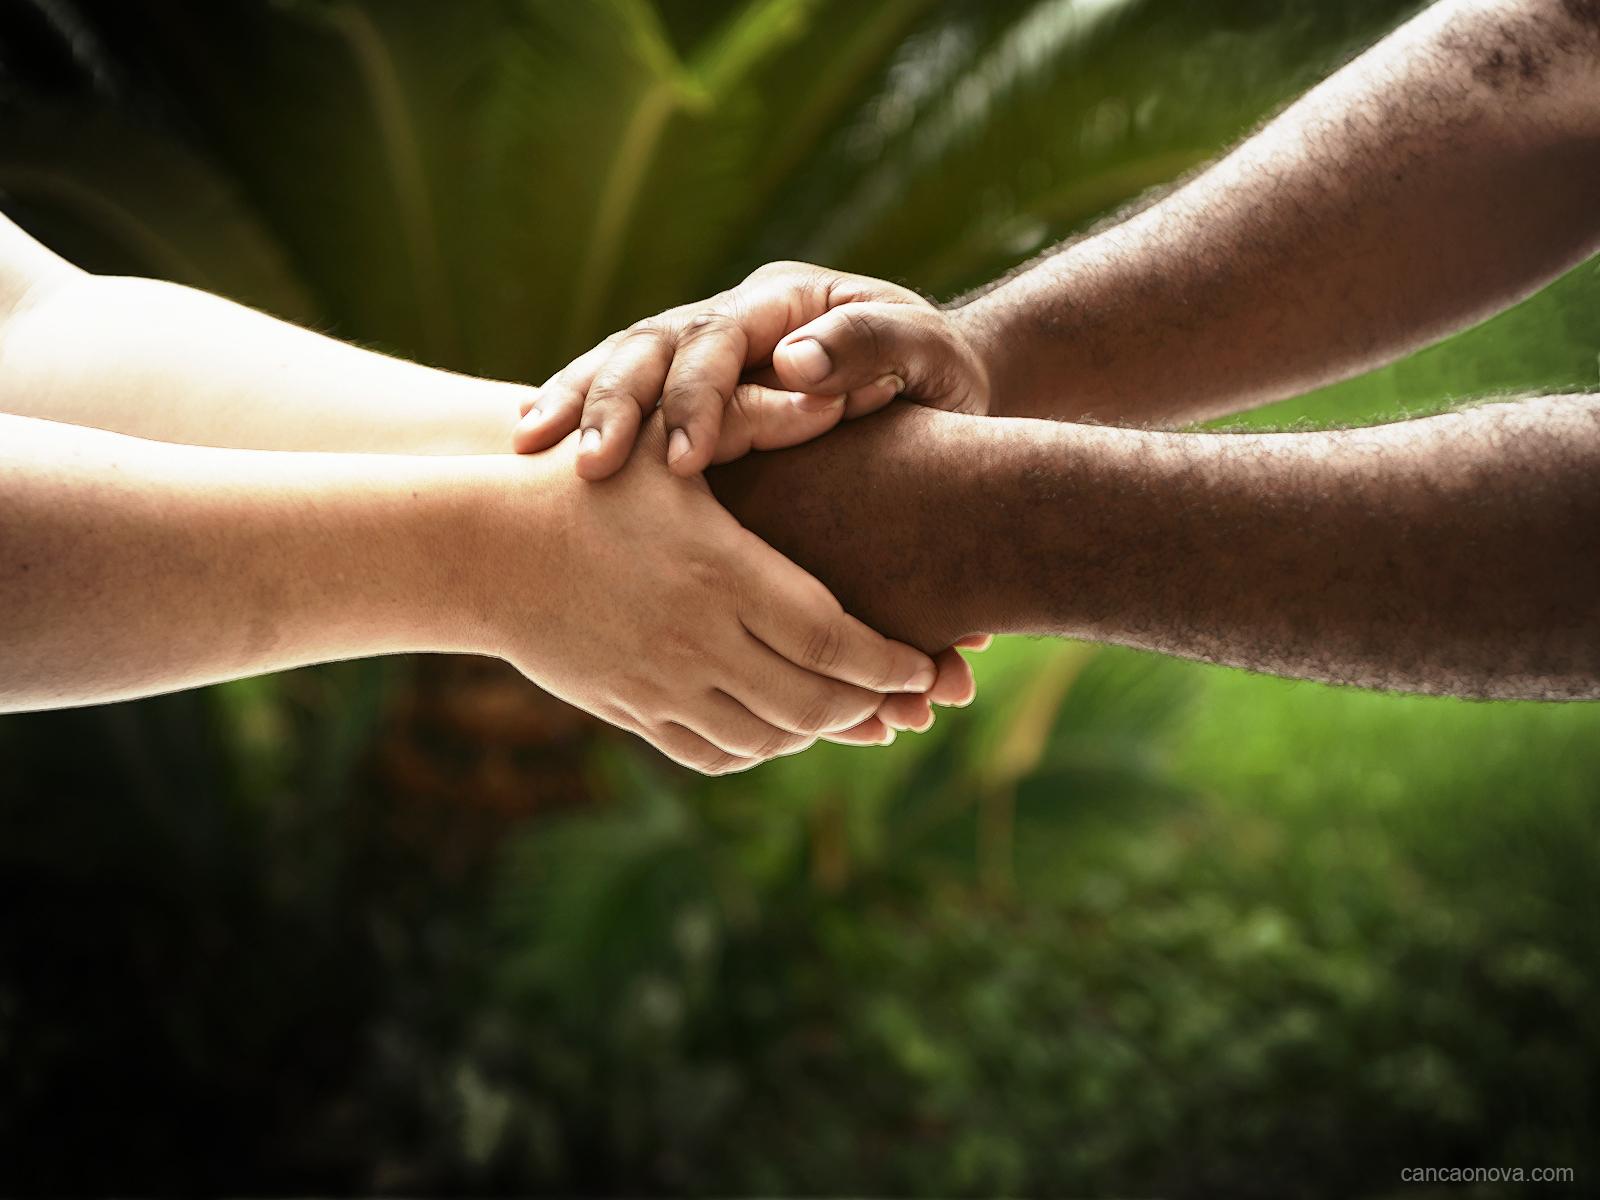 O perdão deve ser declarado em todas as circunstâncias